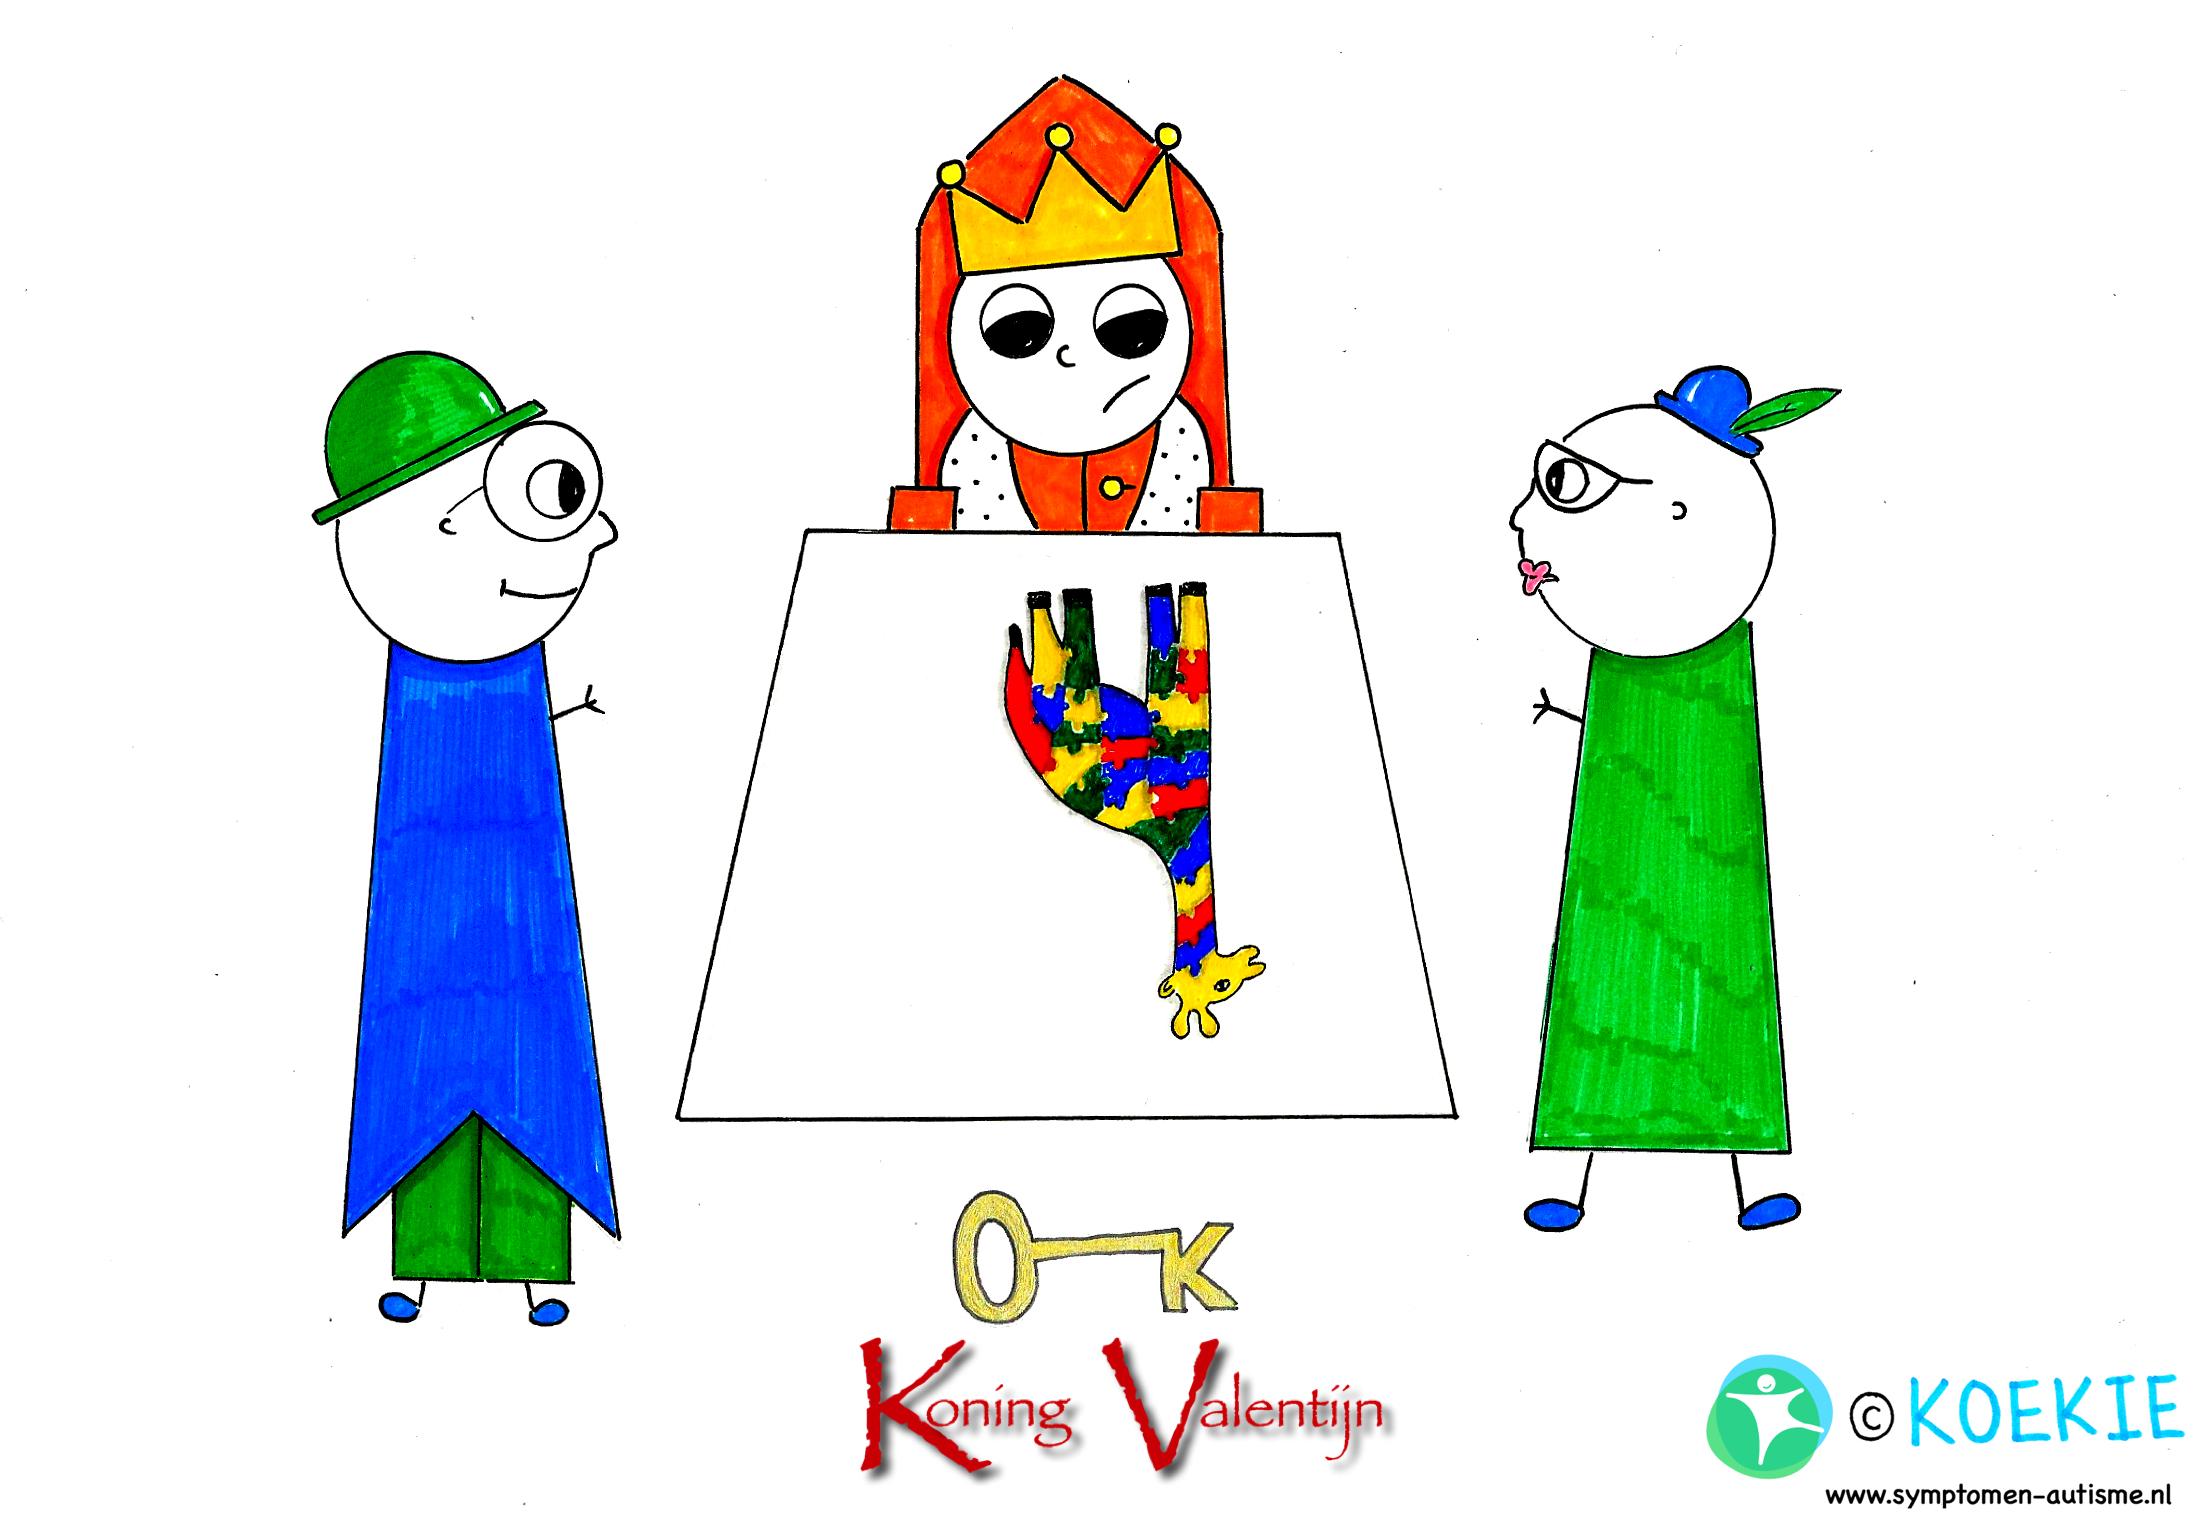 Koning-Valentijn-specialisten2.jpg